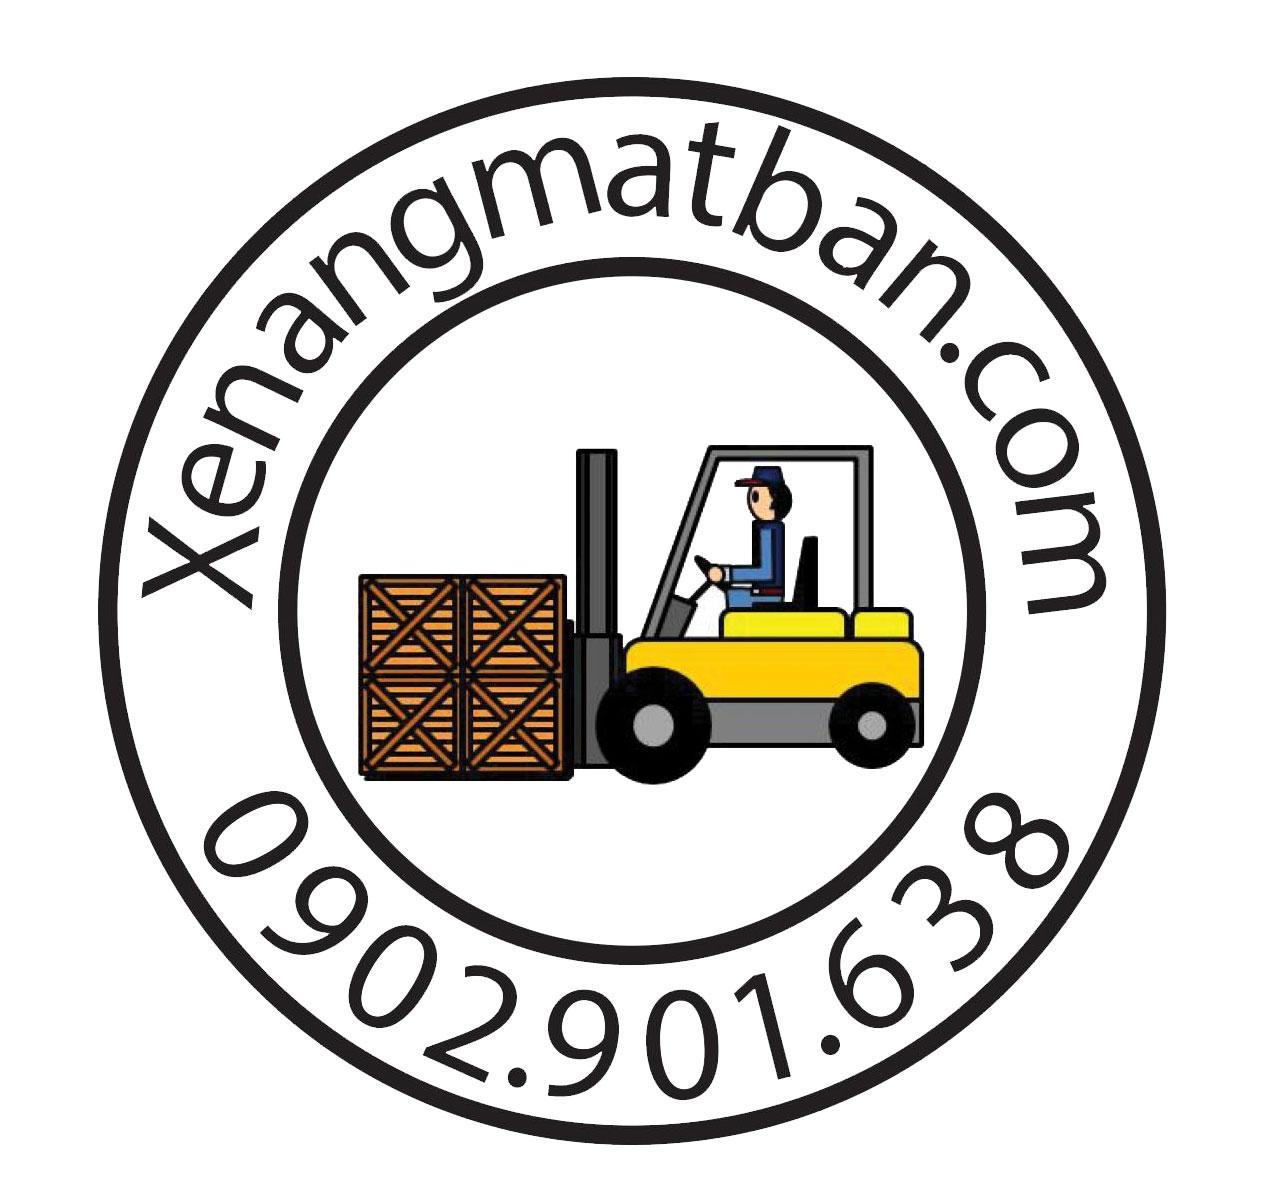 Show profile for xenangmatban